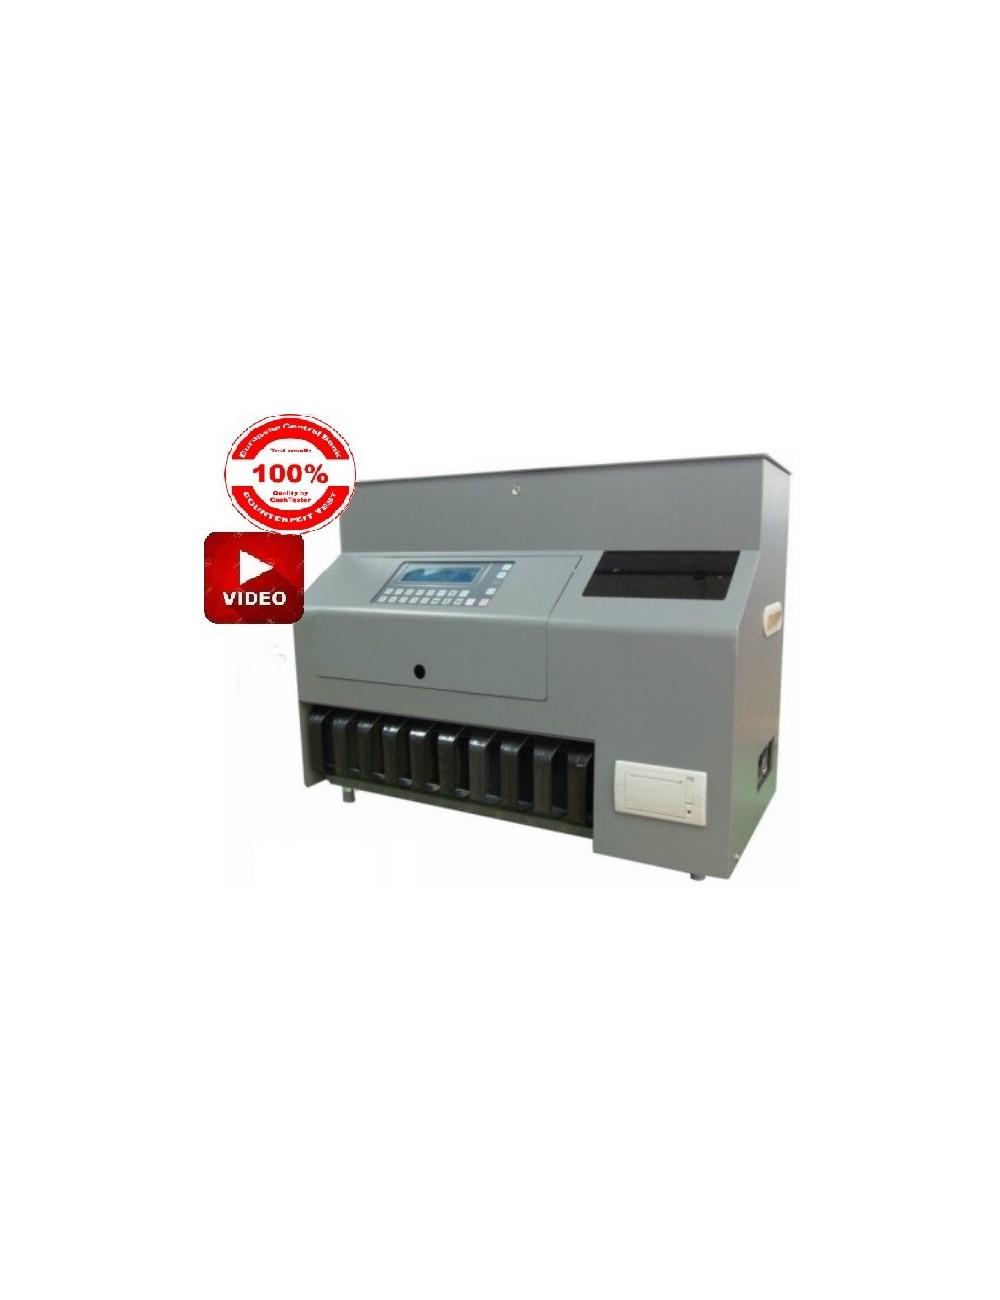 Καταμετρητής-Διαχωριστής κερμάτων RIBAO CS 910+